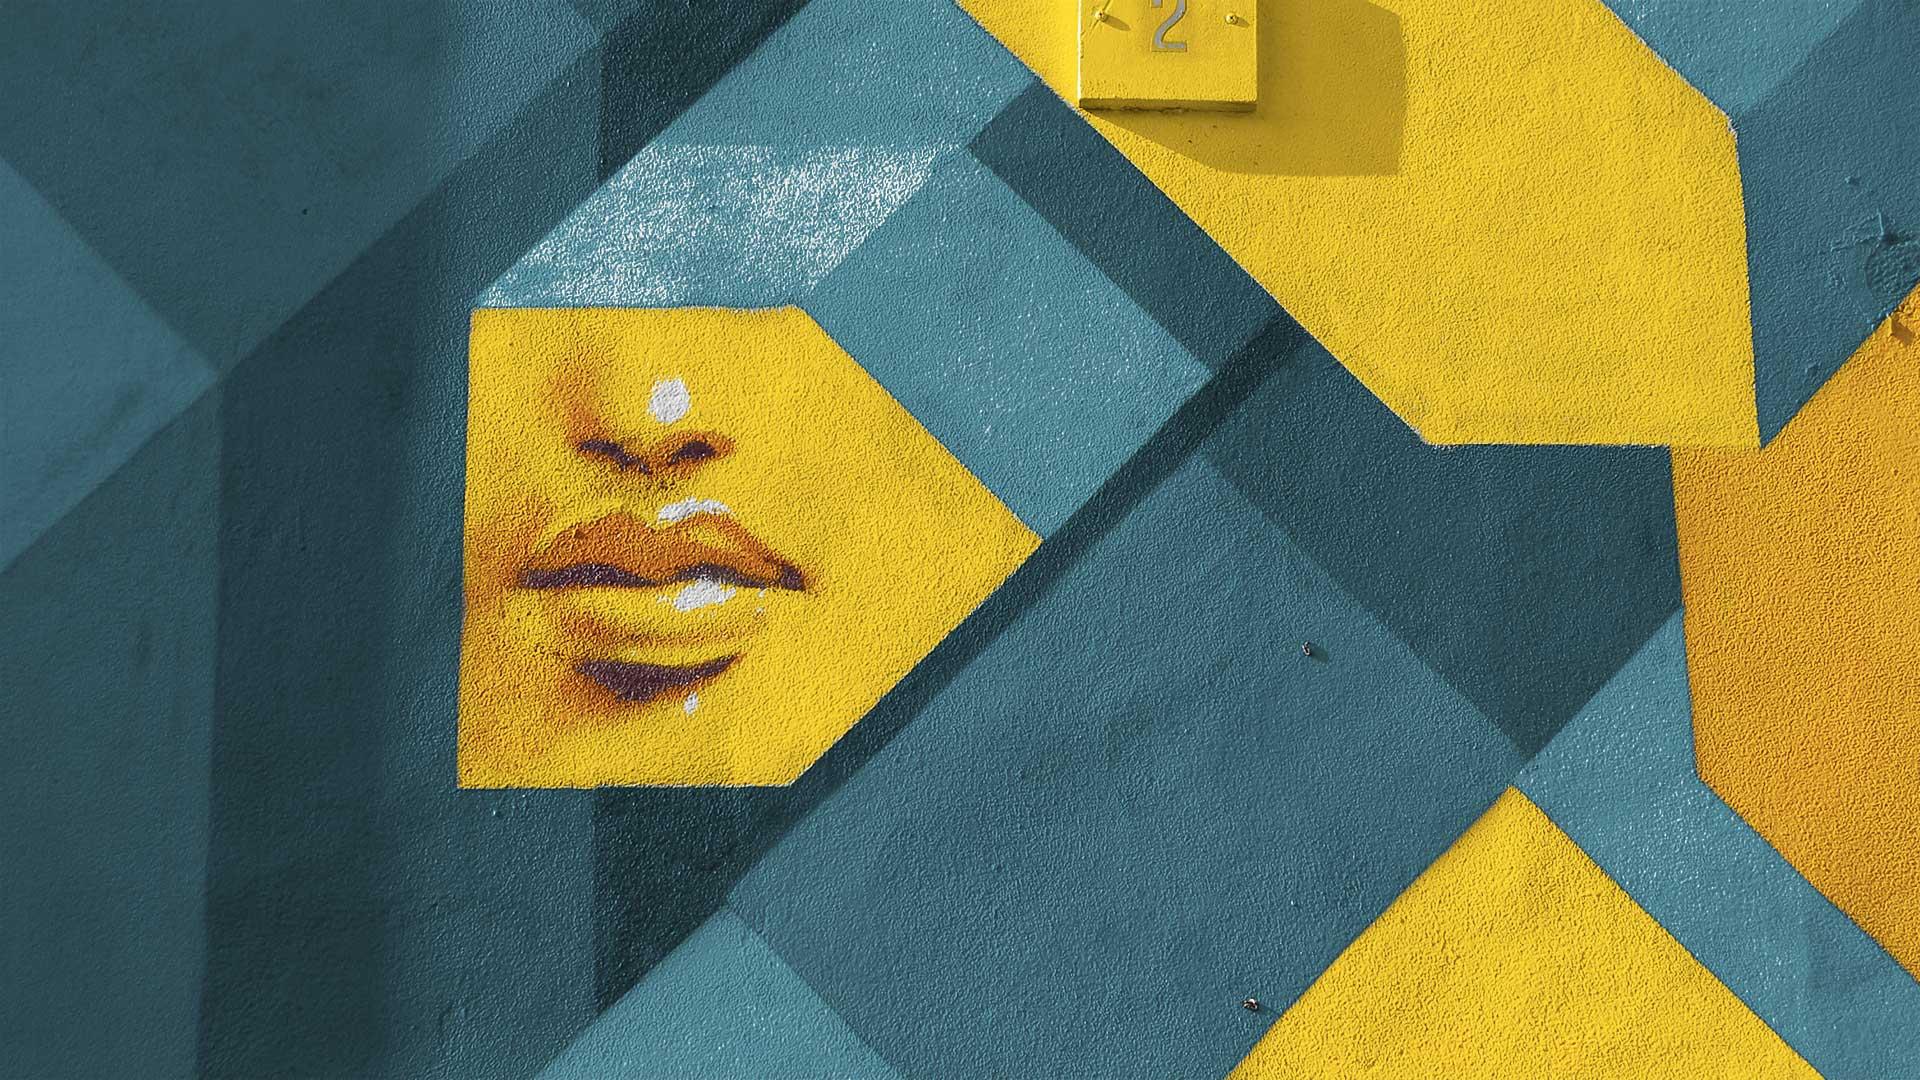 street art bleu et jaune avec visage dessiné apparent